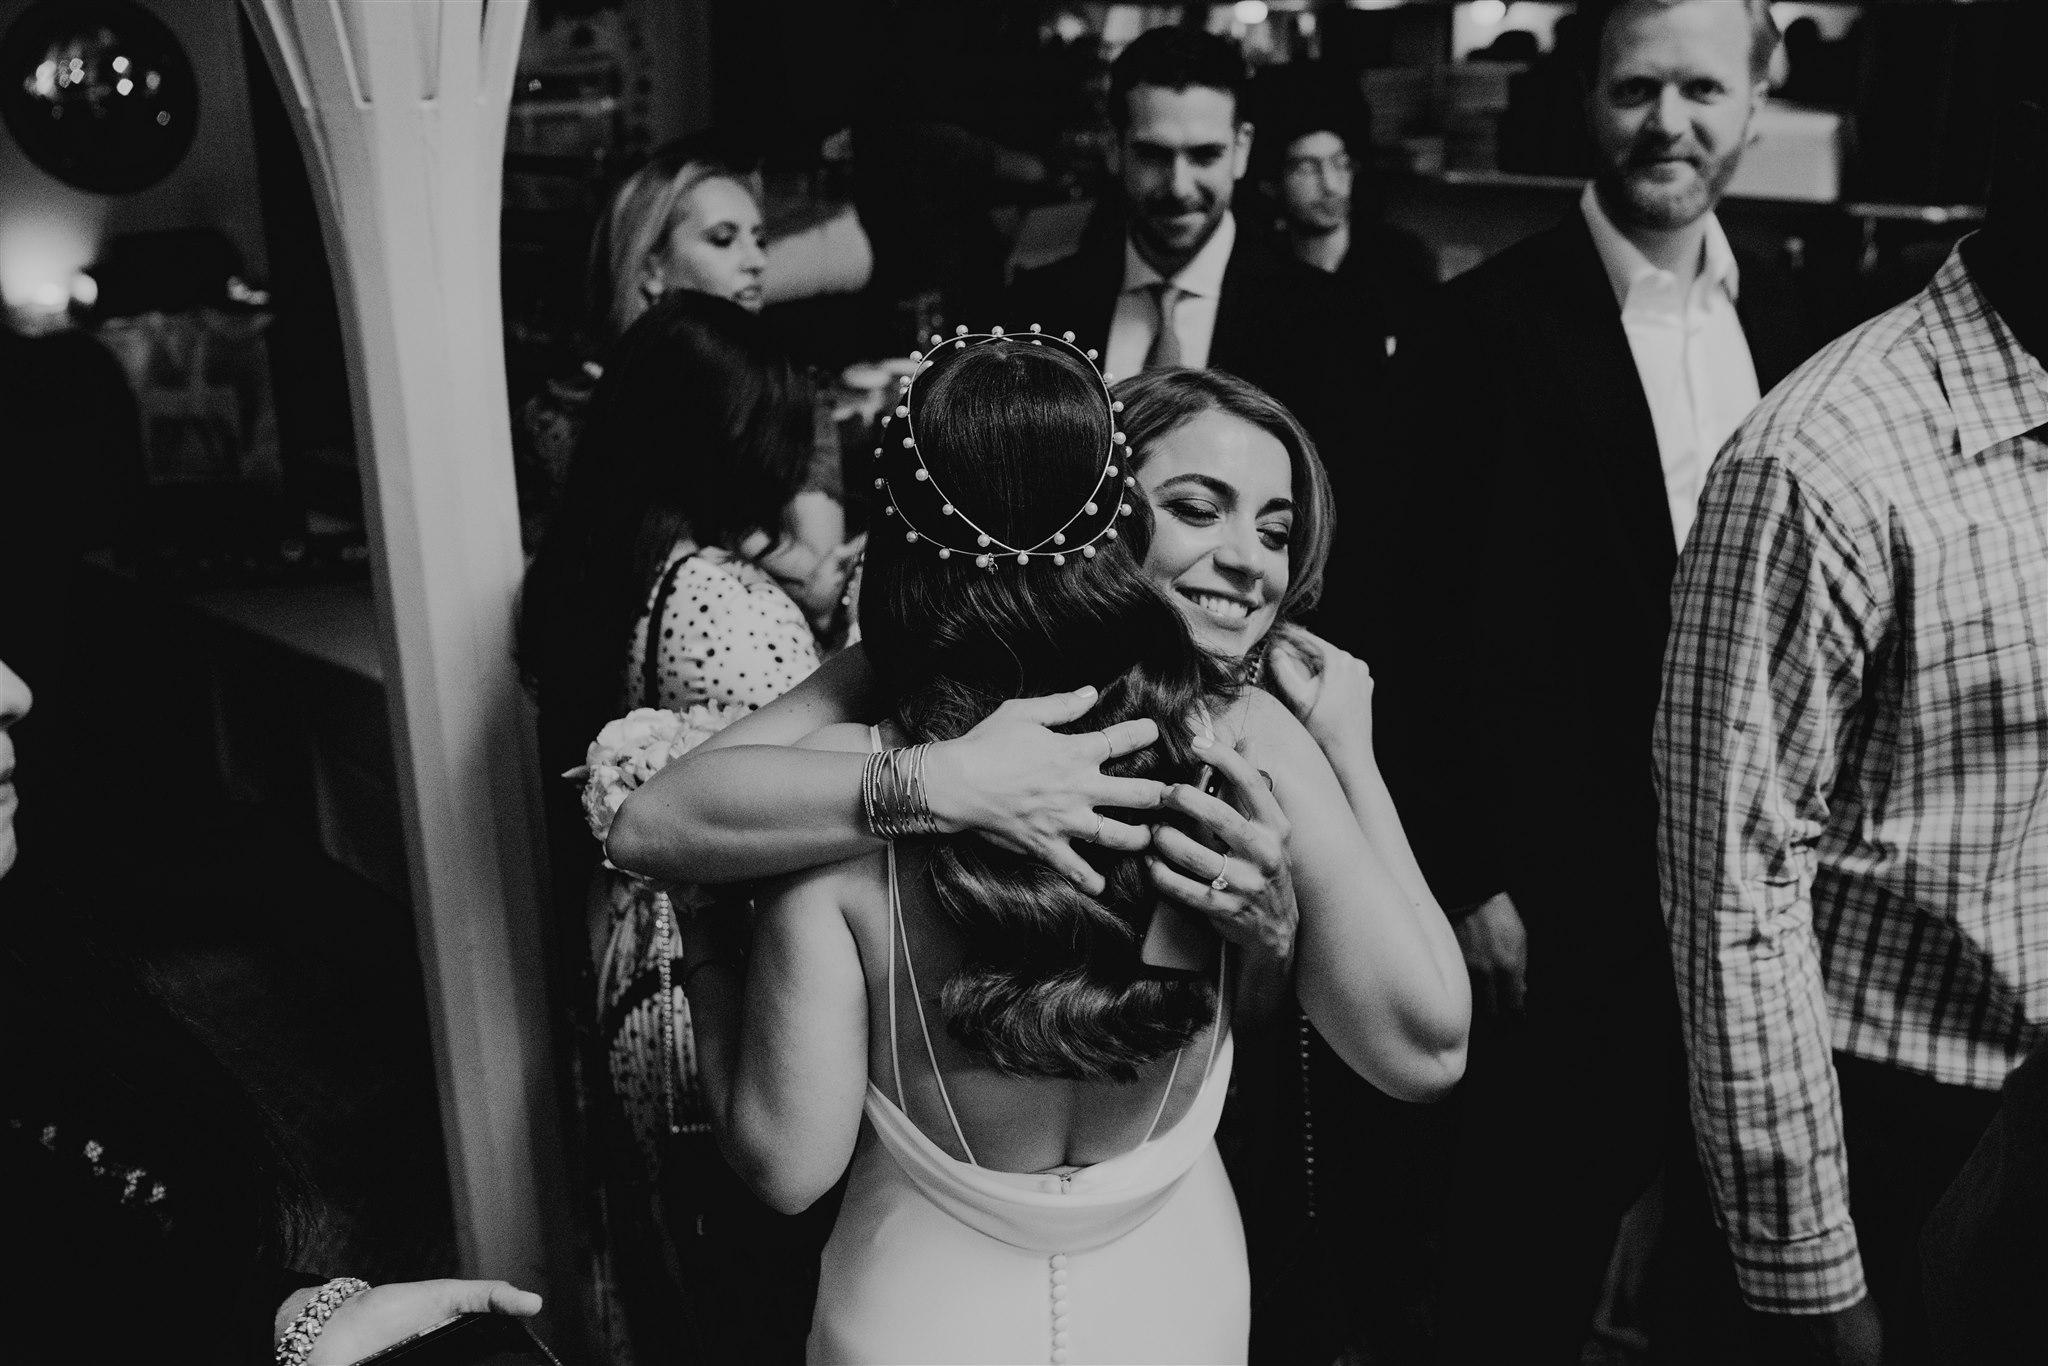 Chellise_Michael_Photography_Ramona_Brooklyn_Wedding_Photographer-458.jpg